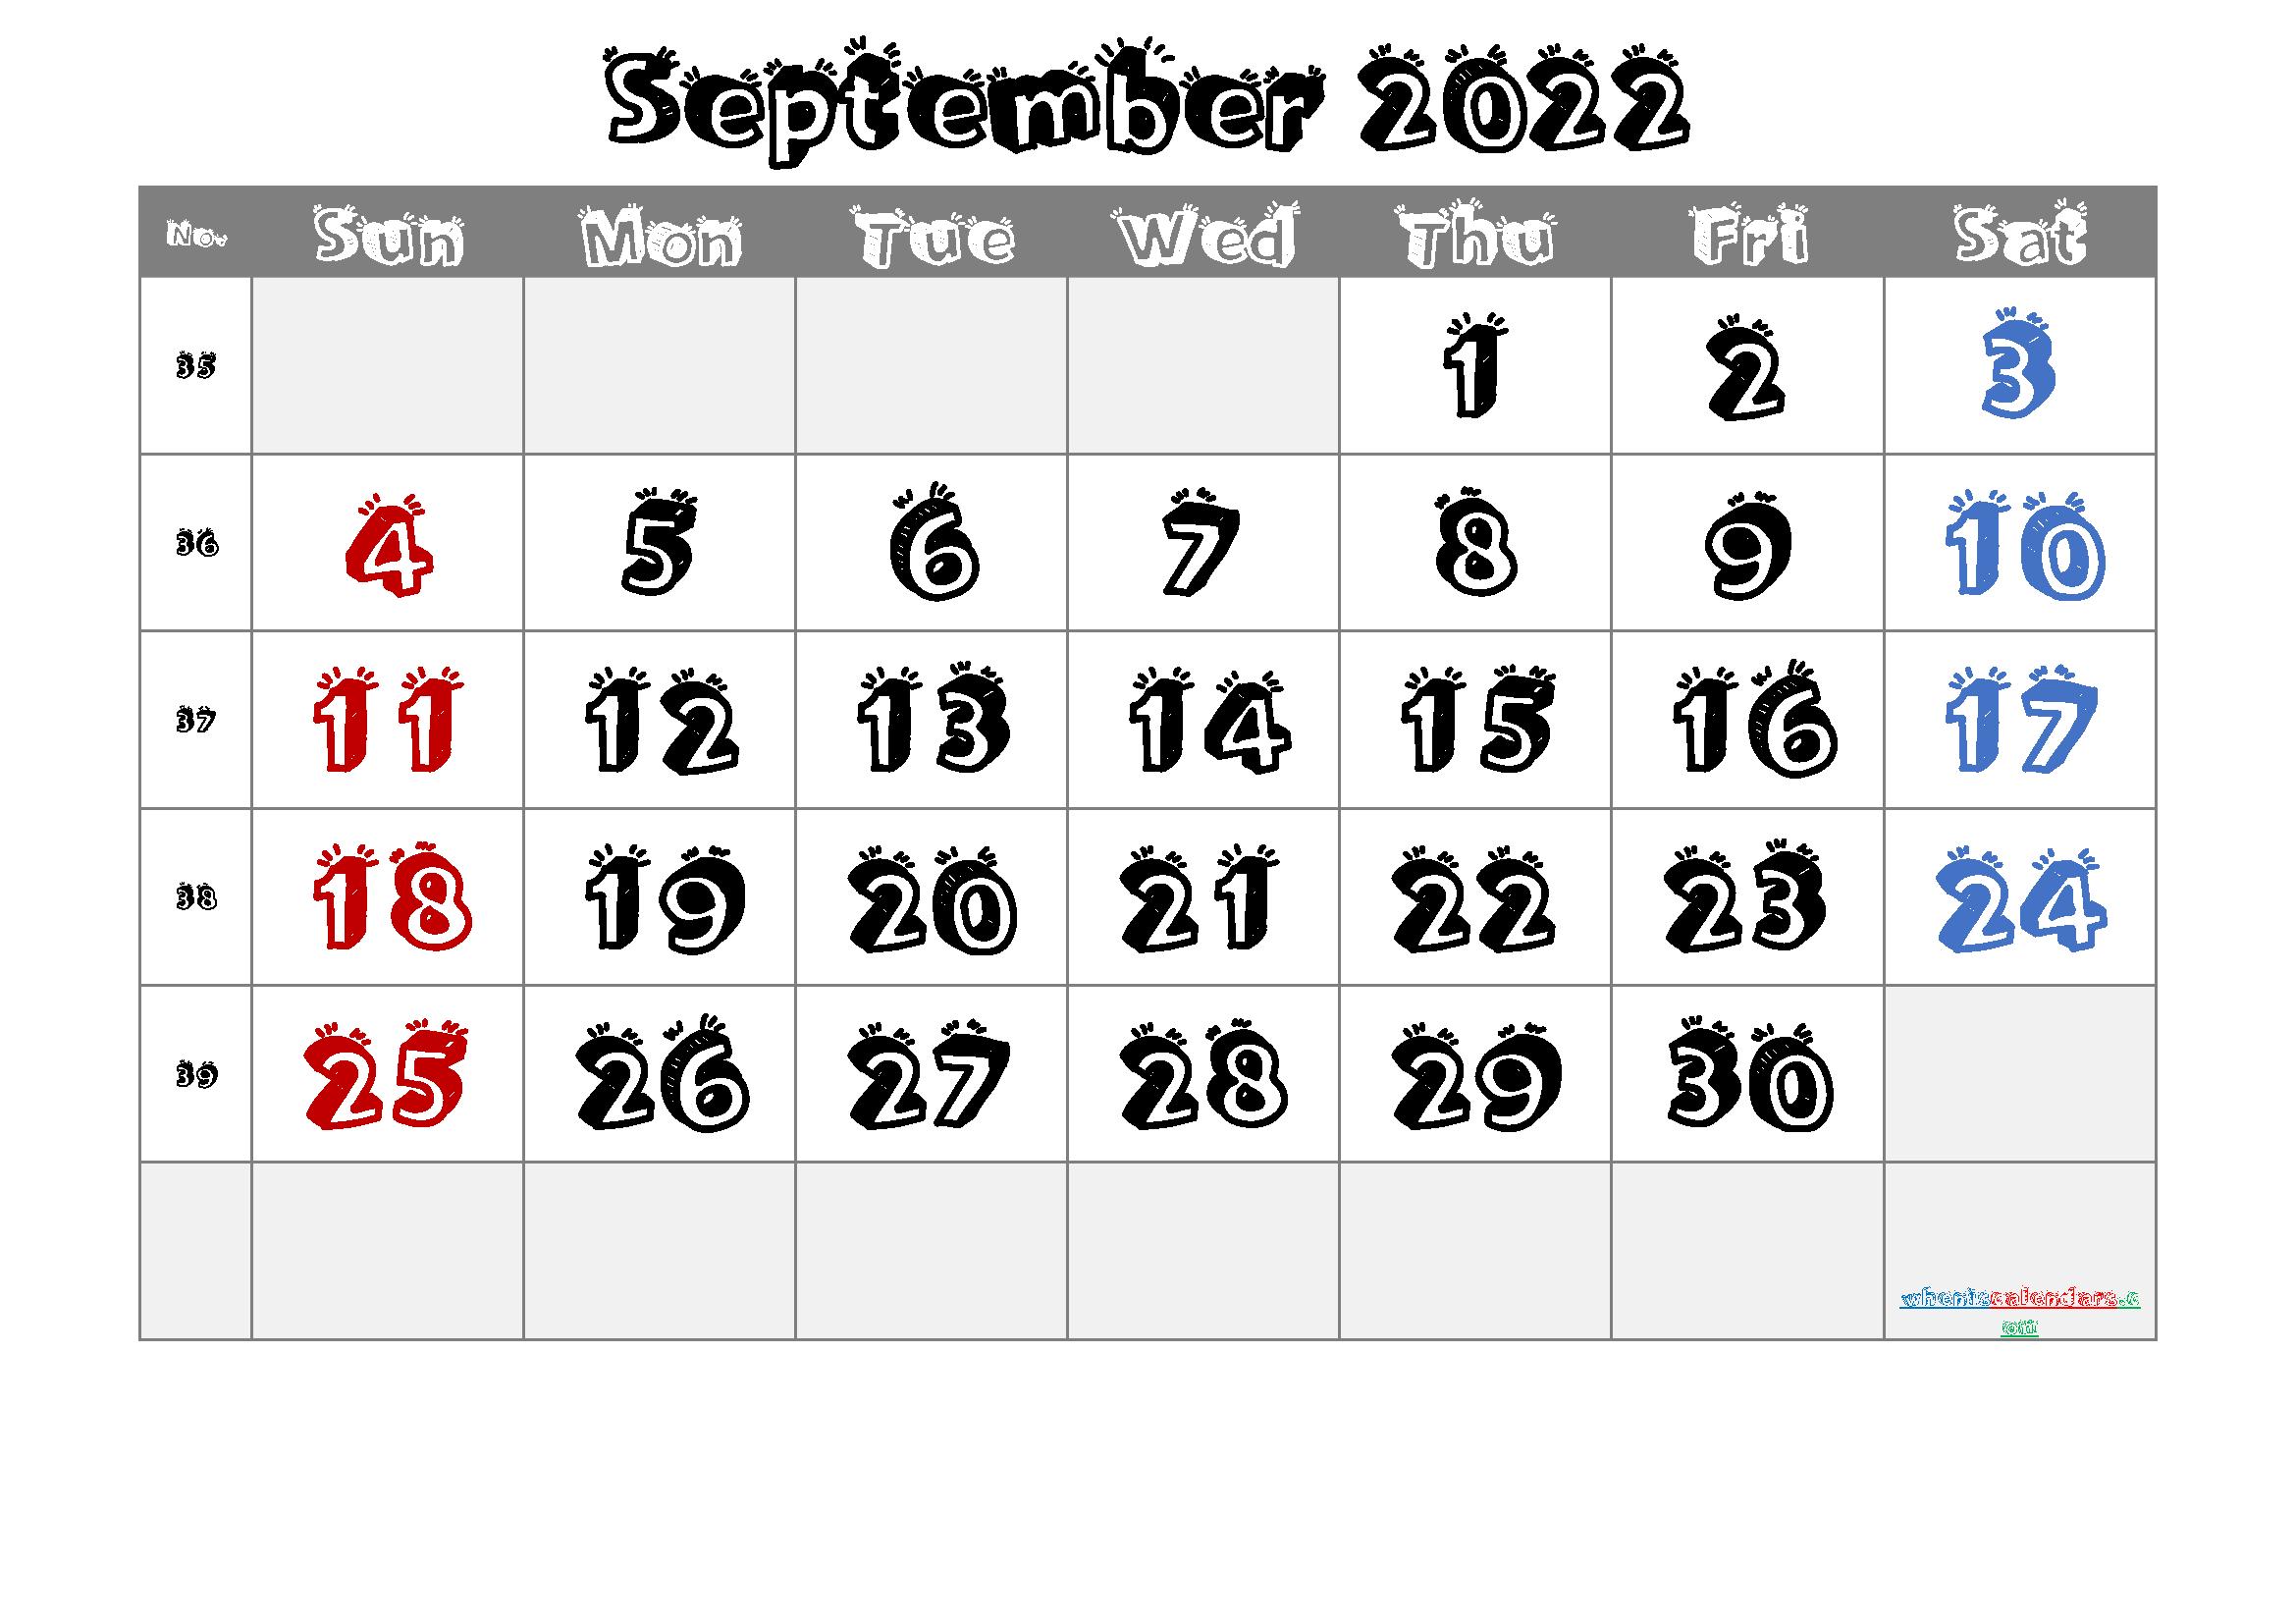 Free Printable September 2022 Calendar intended for Print Month Calendar September 2022